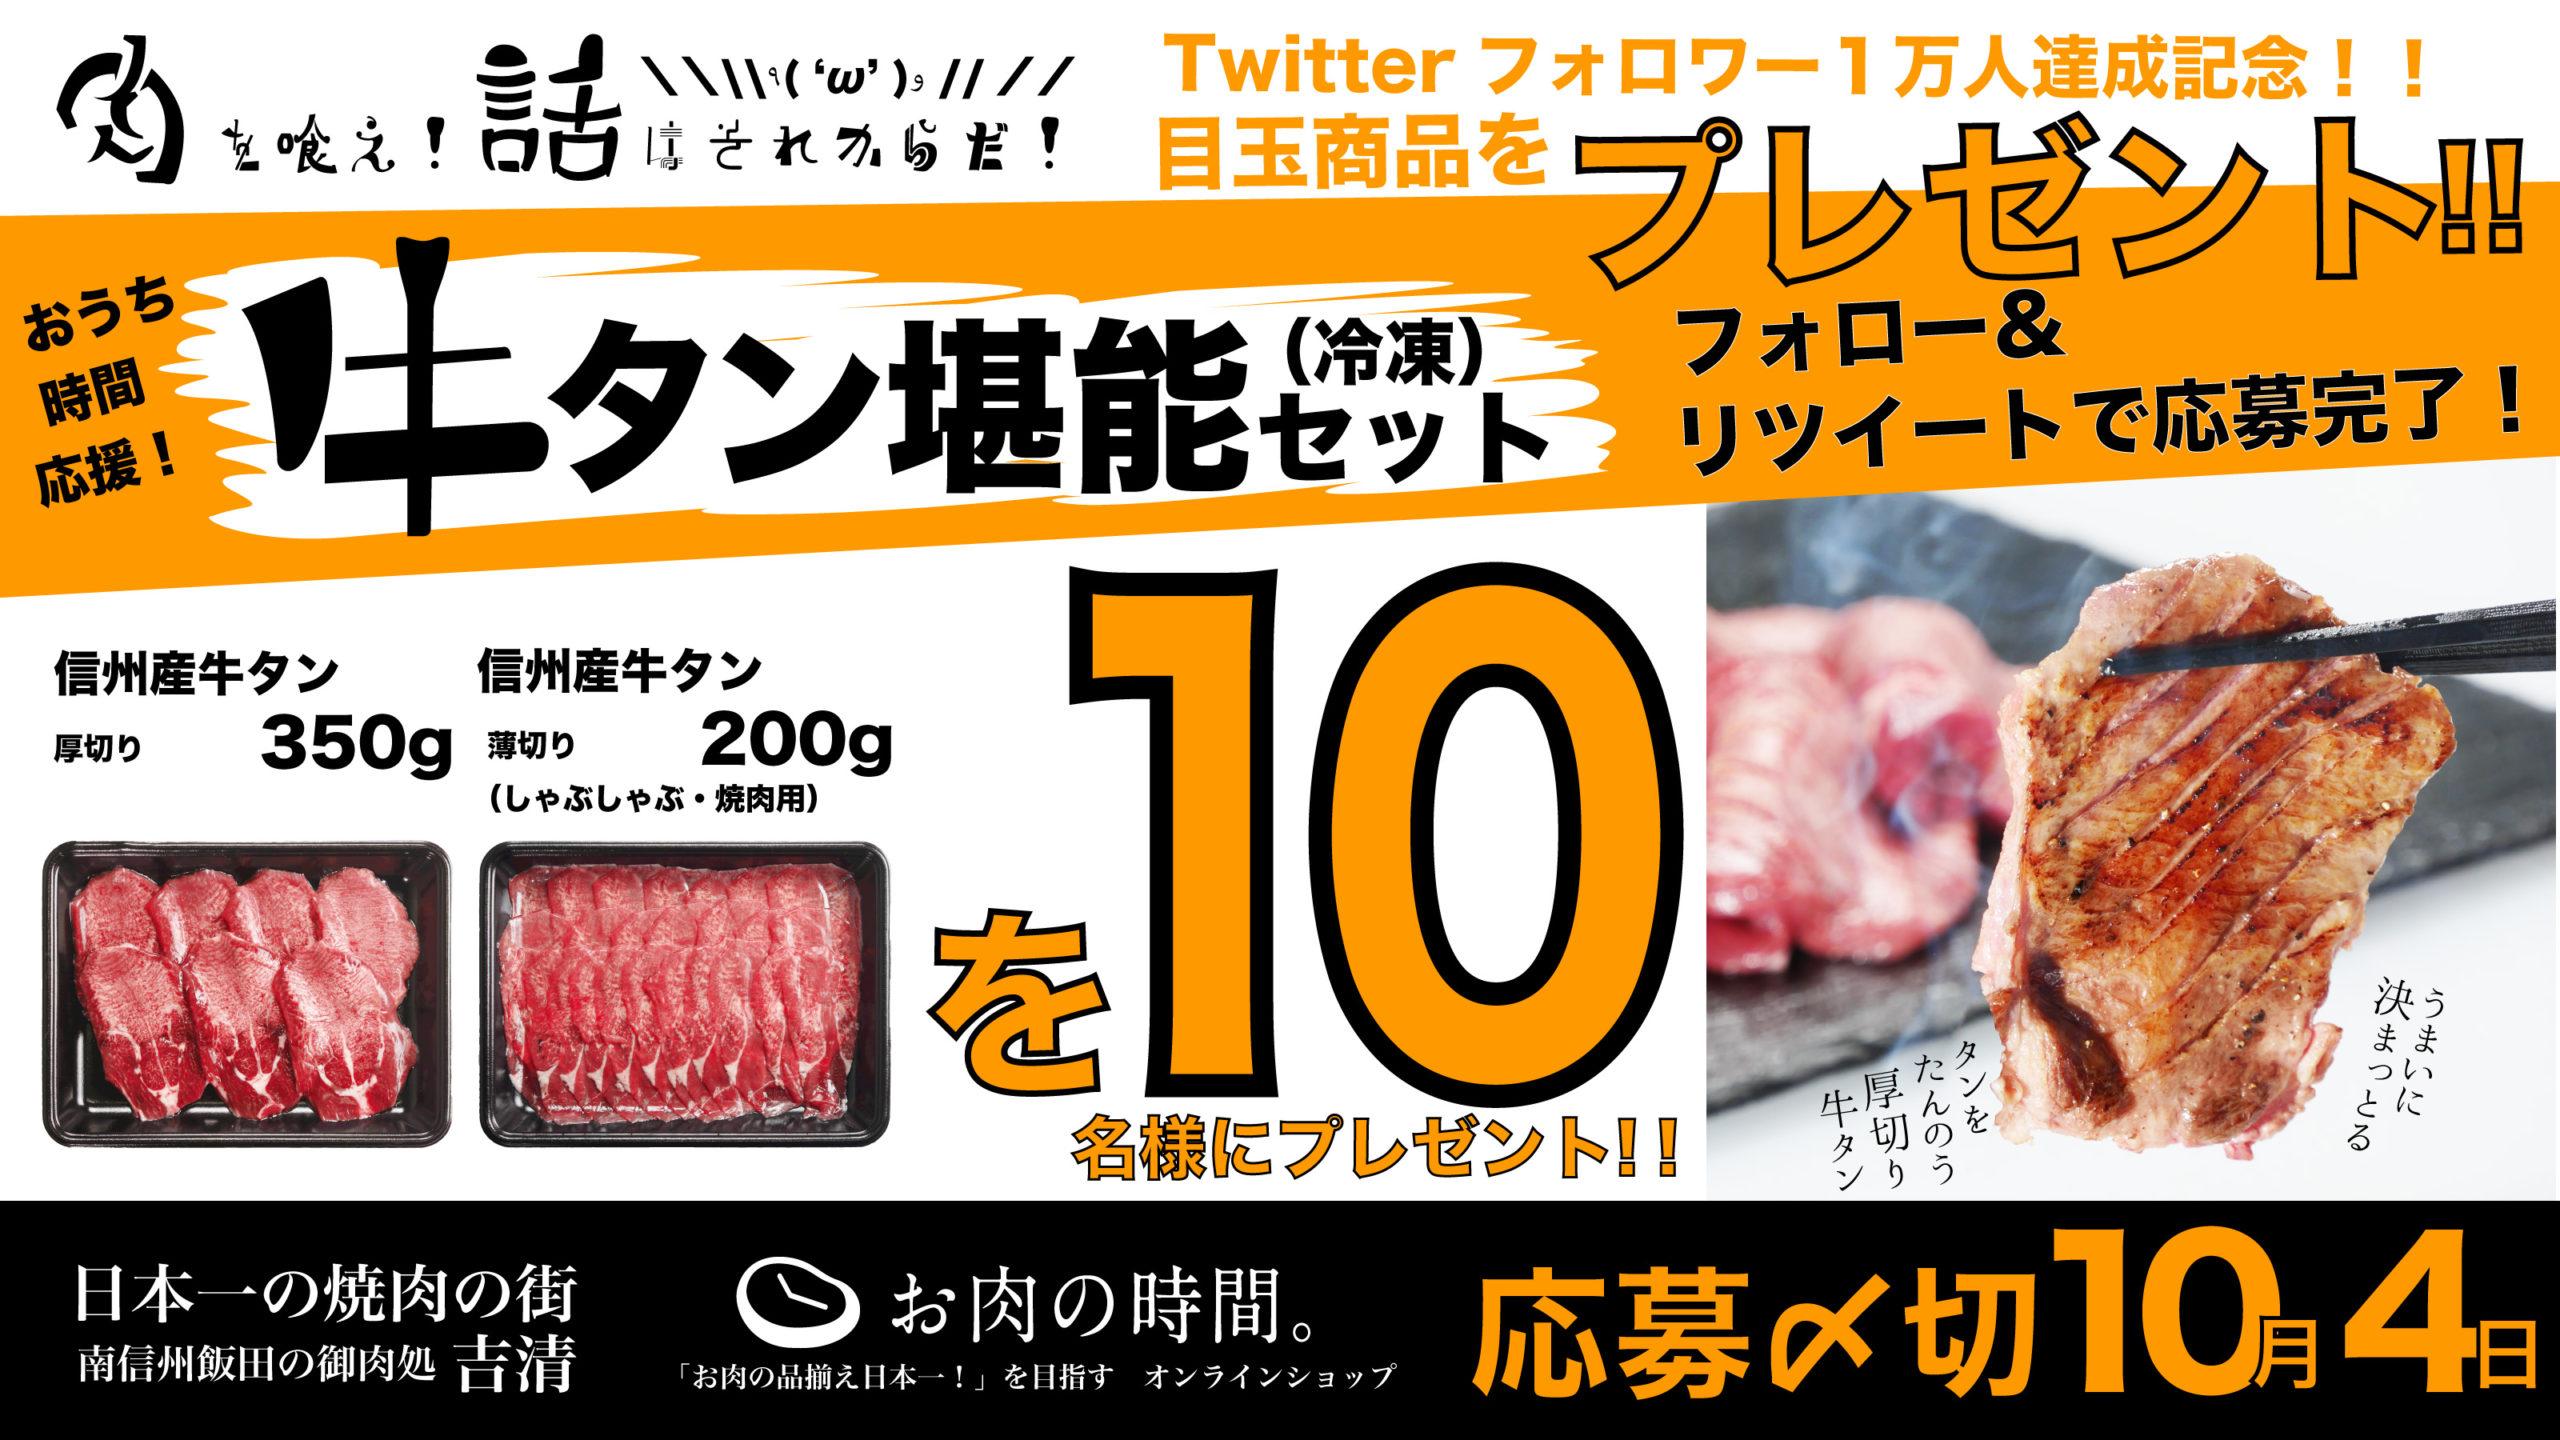 9/29焼肉の日!Twitterフォロワー1万人達成記念キャンペーン!